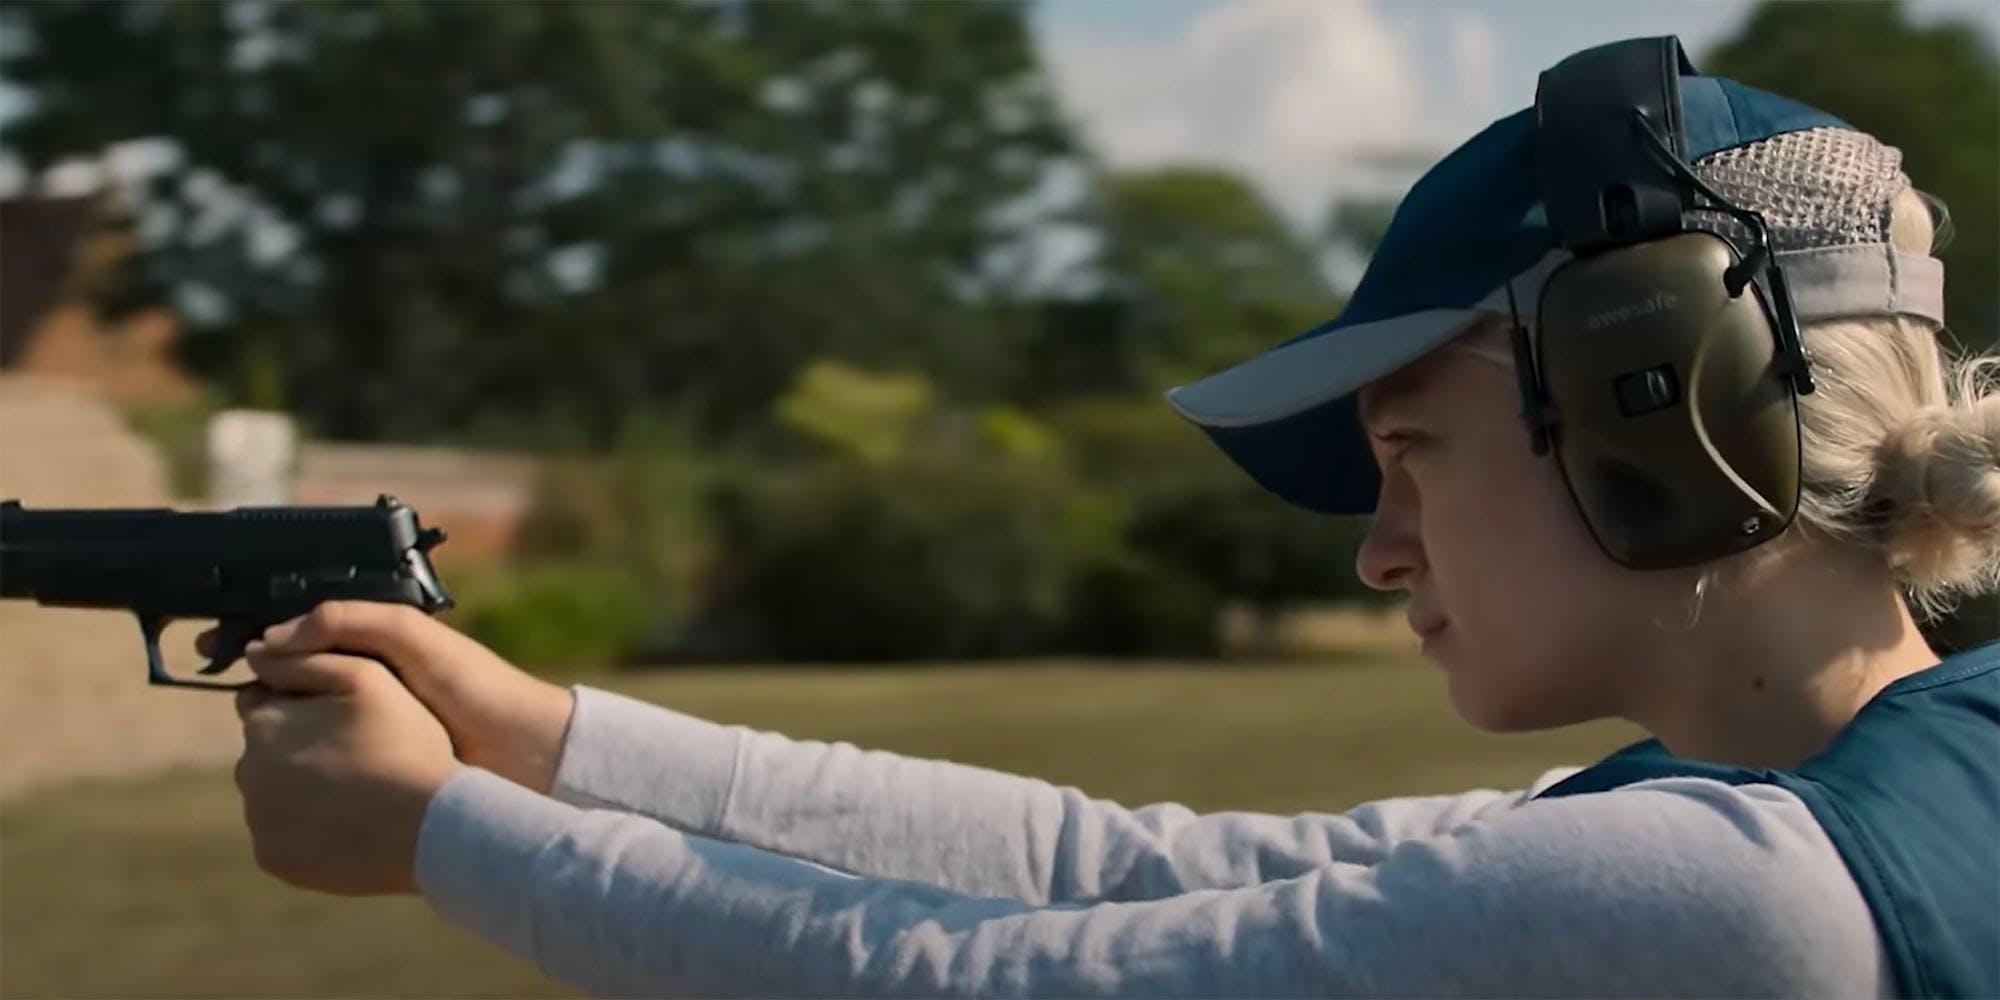 Hanna season 2 trailer